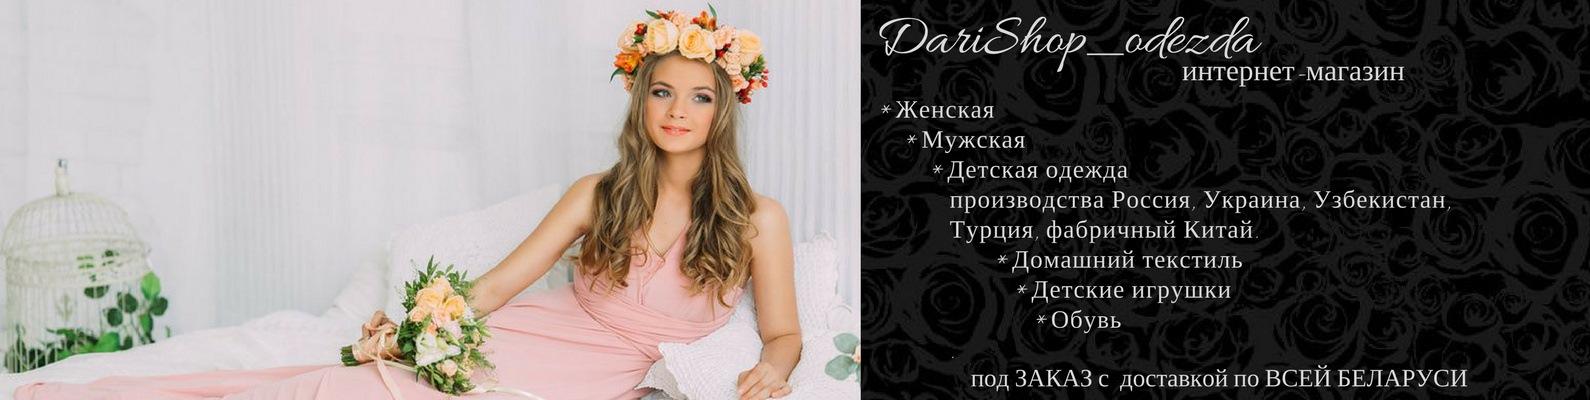 217a8c498 *DariShop* Одежда и косметика для всей семьи | ВКонтакте